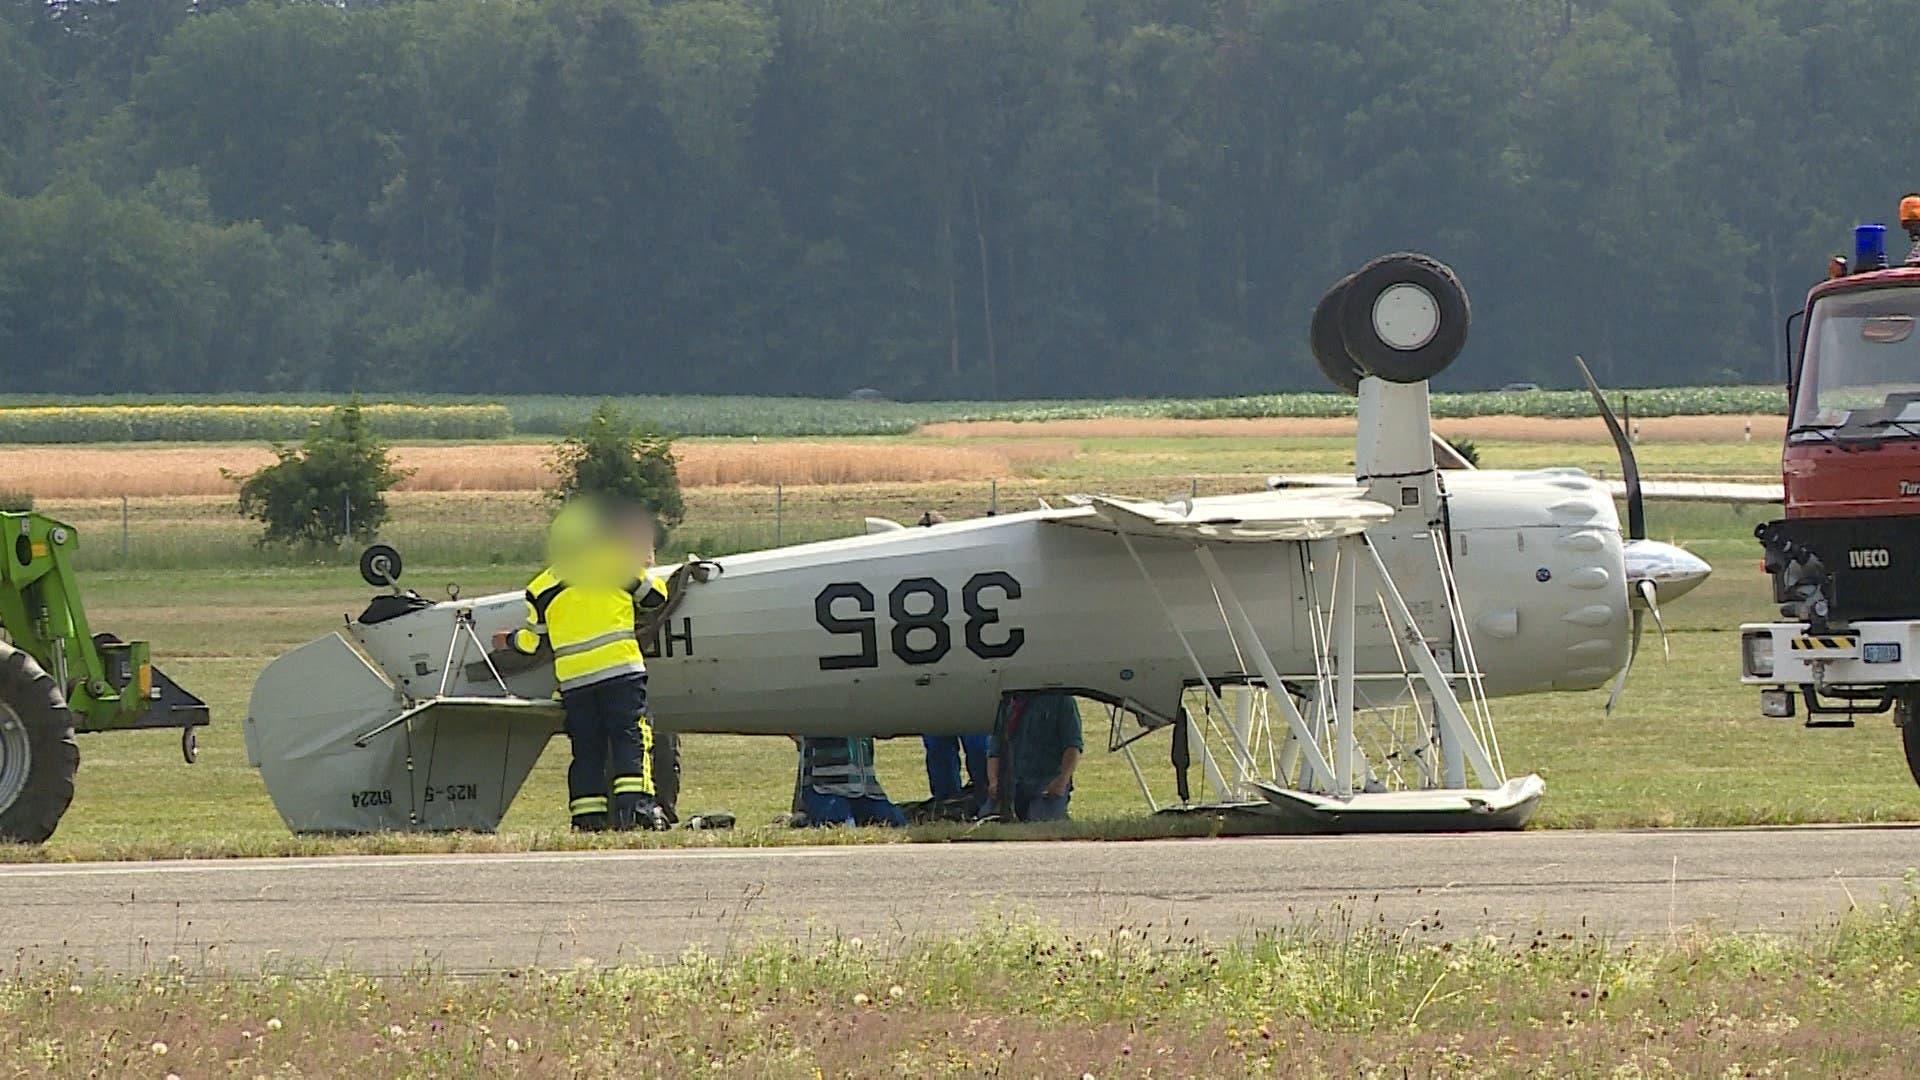 Das alte Flugzeug verunfallte unmittelbar nach der Landung. (Bild: Tele M1)